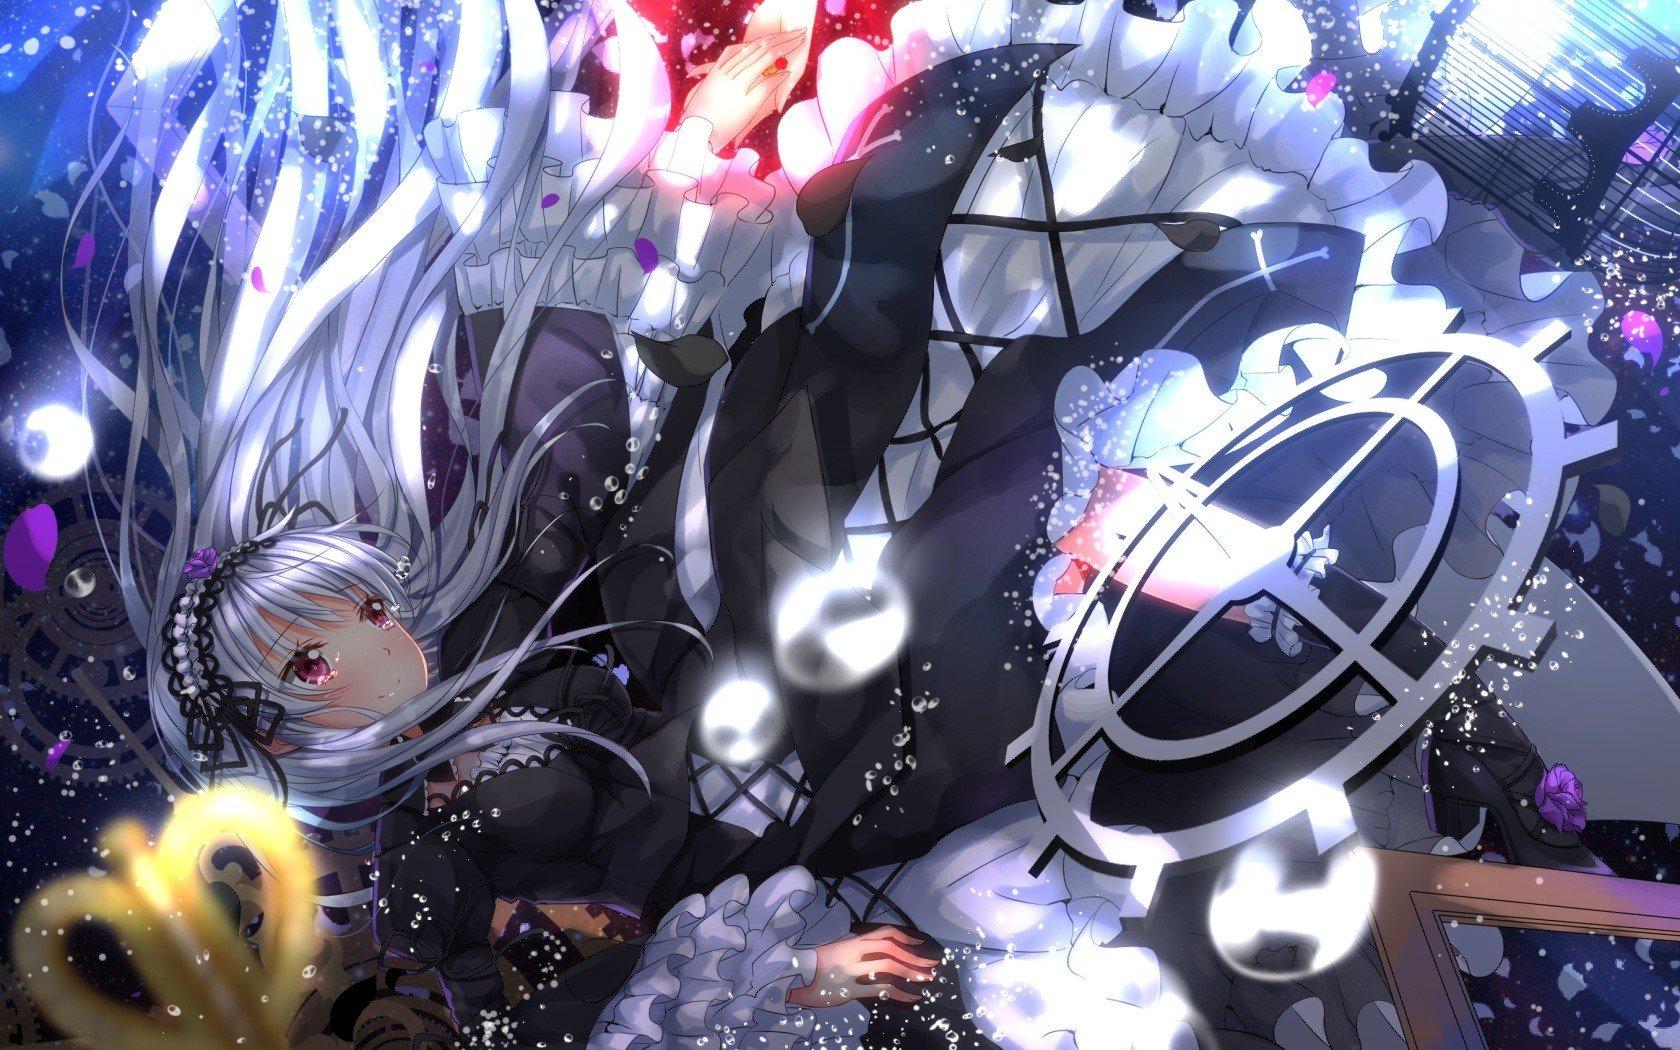 Anime Girls Swordsouls Rozen Maiden Maid Hd Wallpapers